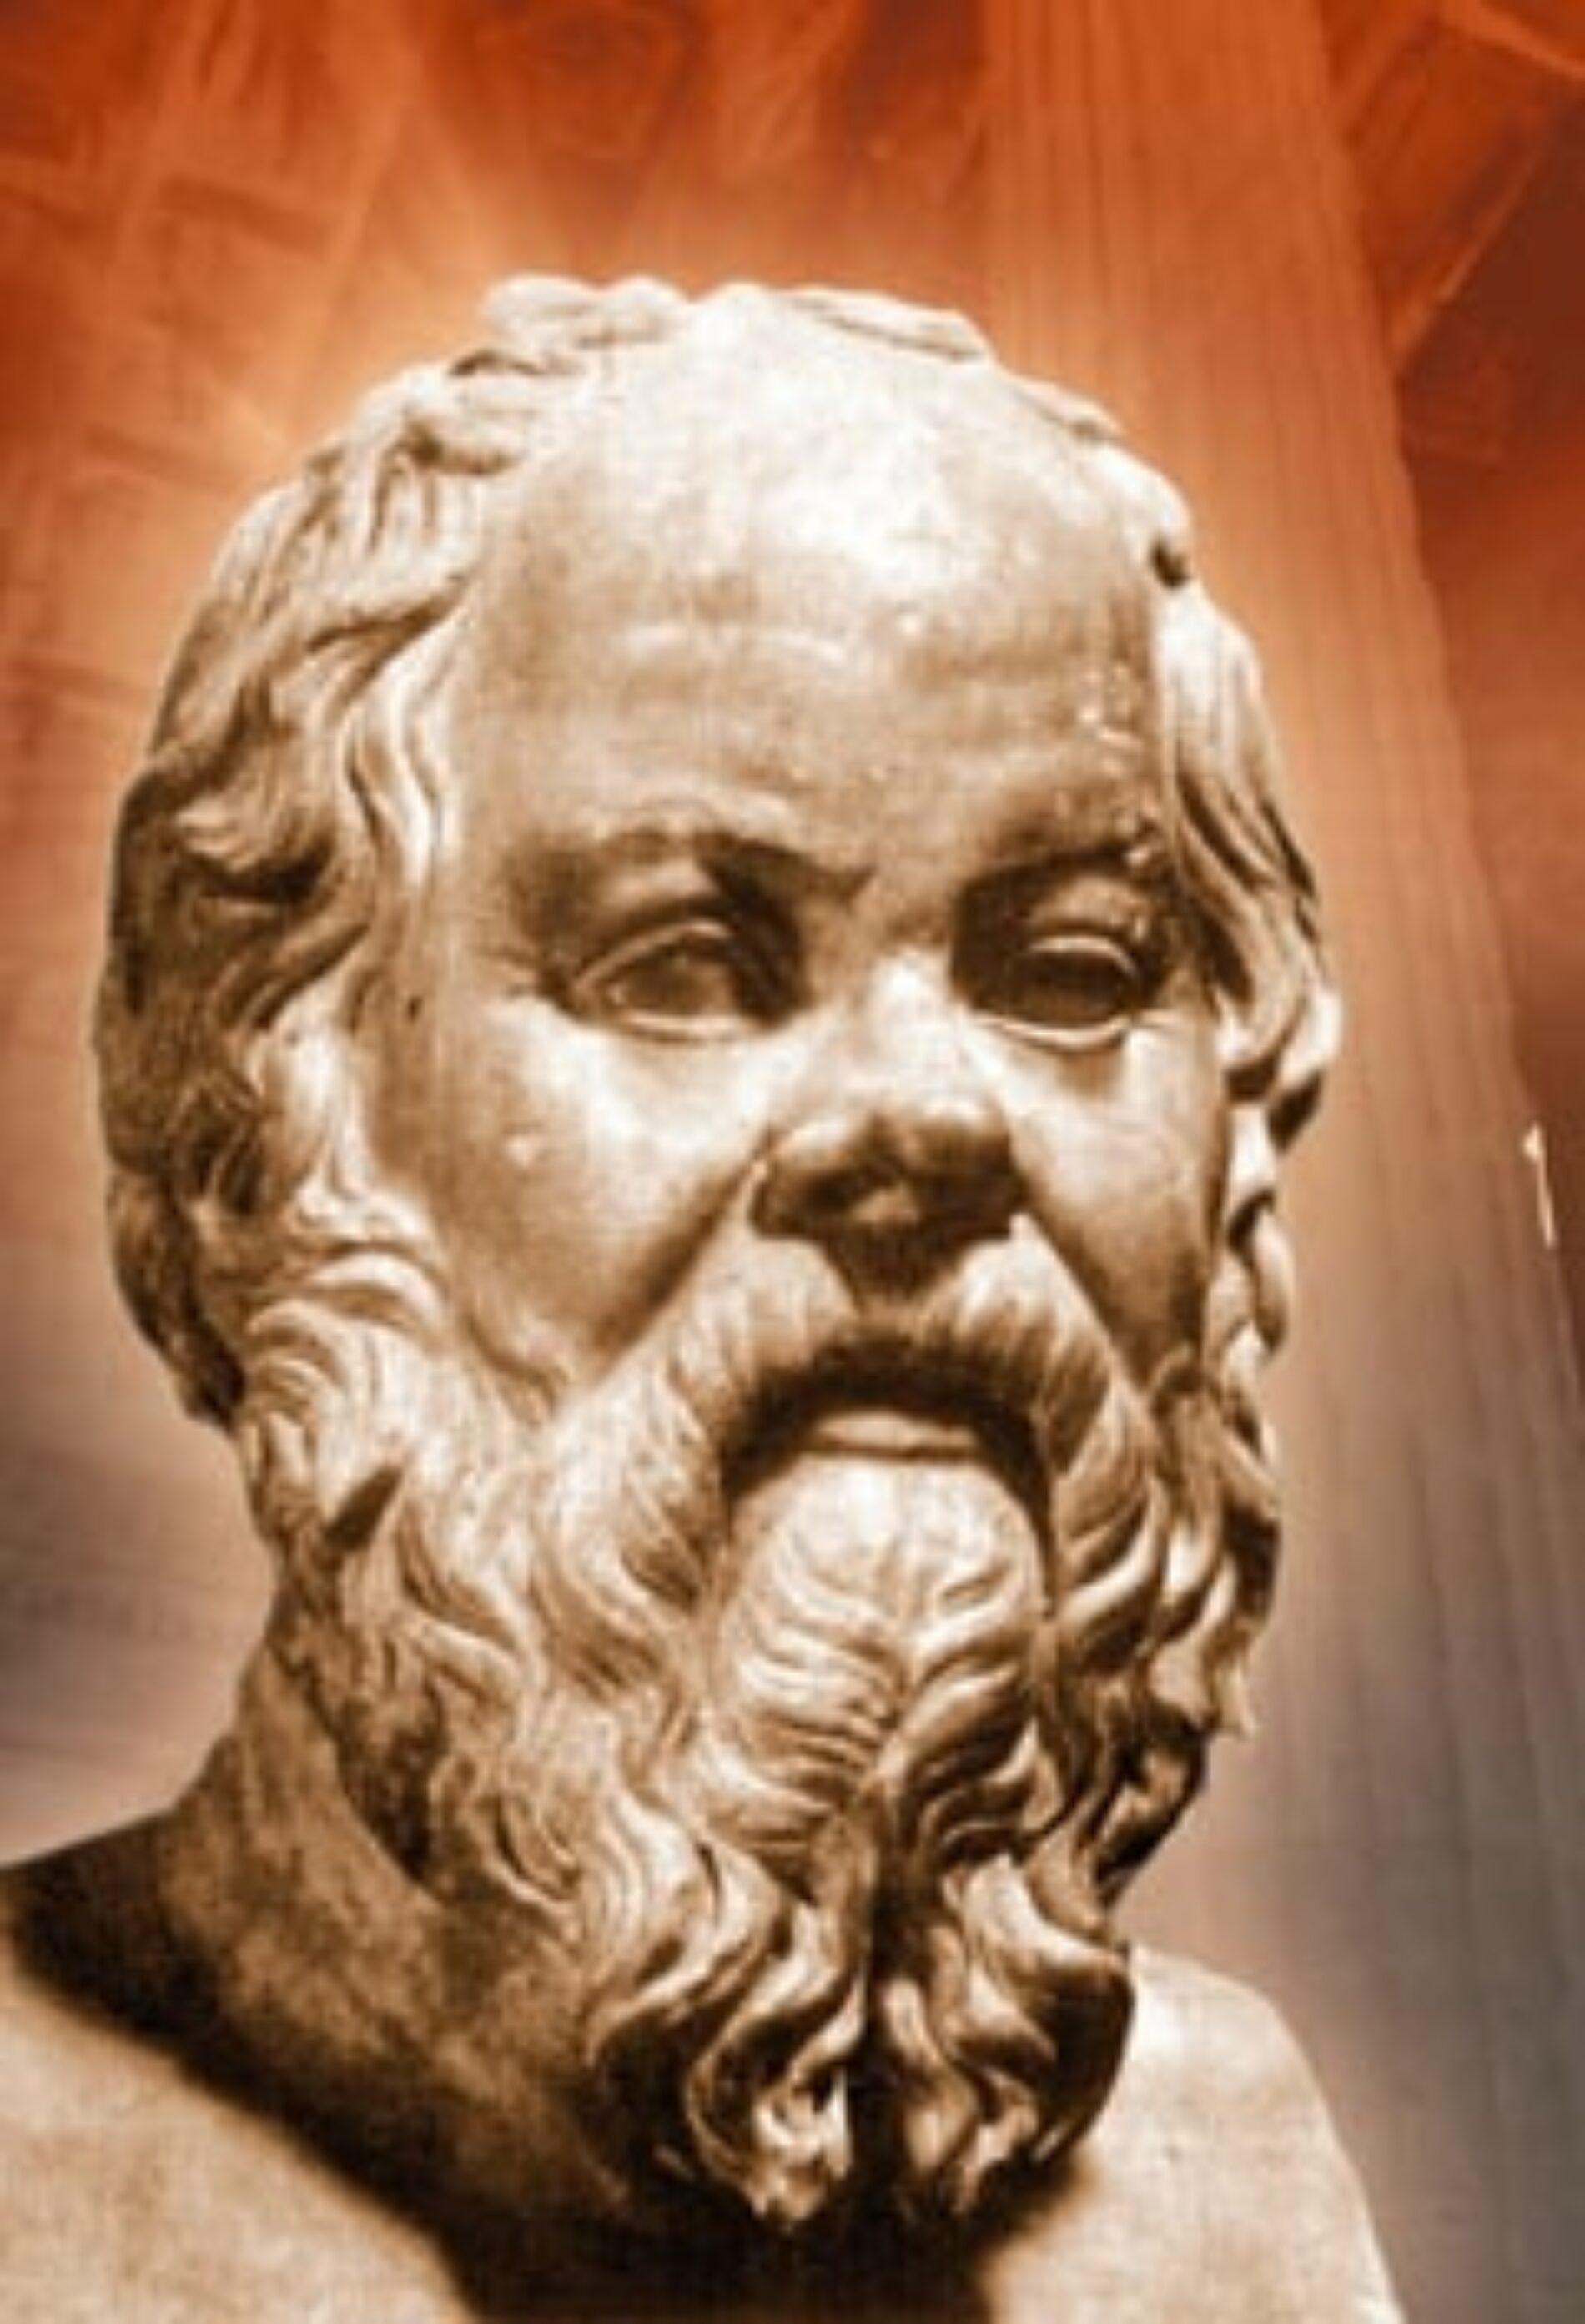 Логика Сократа, здравый смысл или железная линия переговоров